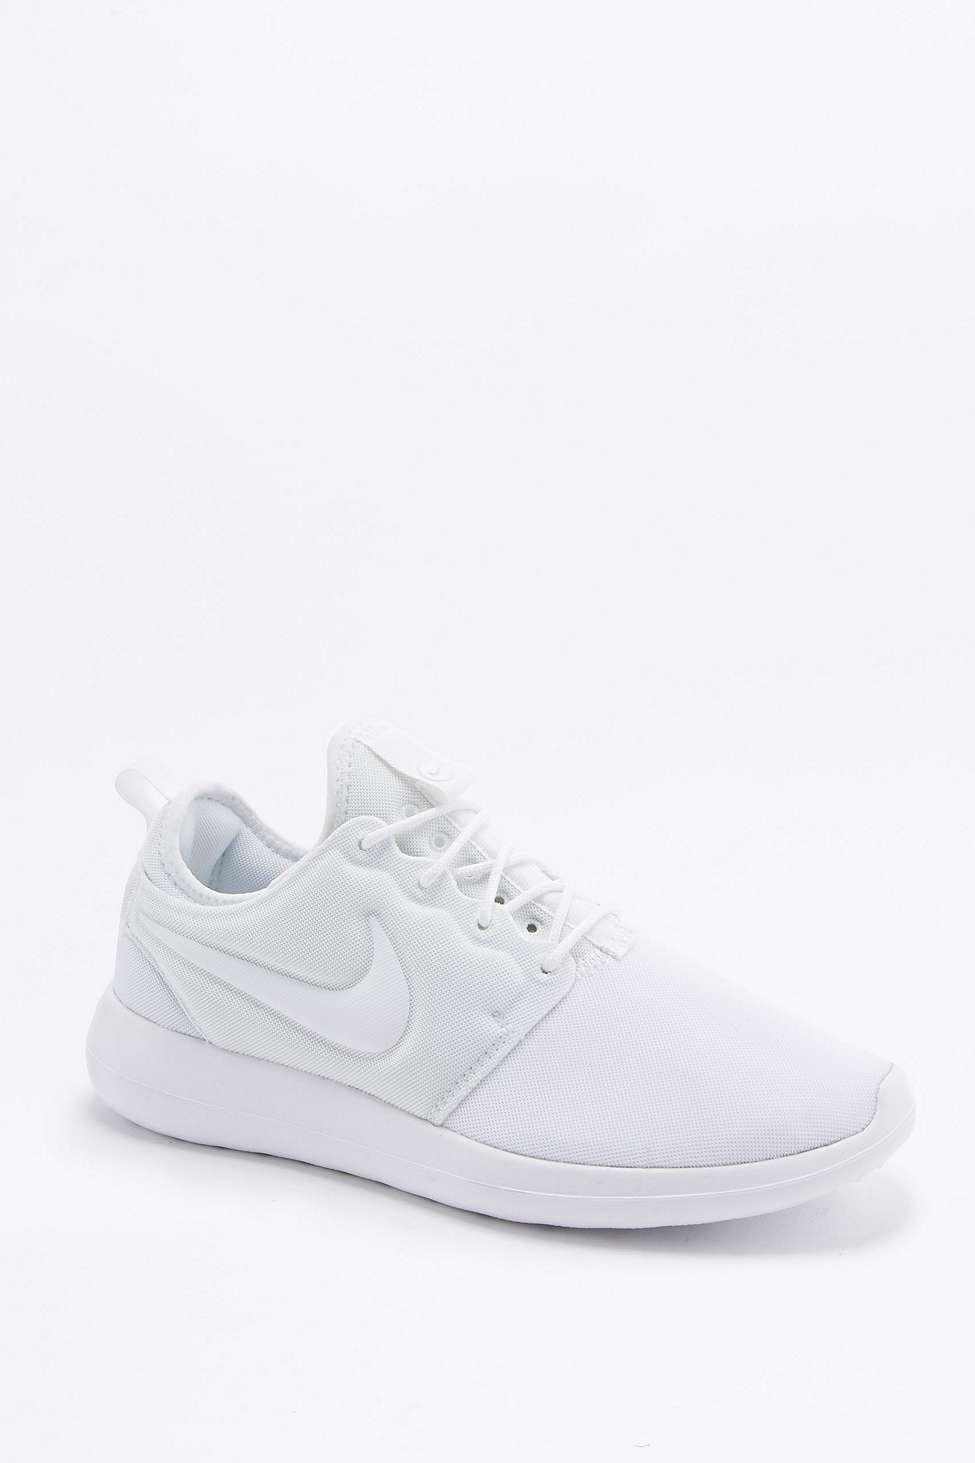 Nike W Roshe Two UK6/US8.5/EU40 (844931-100) - WEISS - UK6/US8.5/EU40 Two -   - New 424f9c